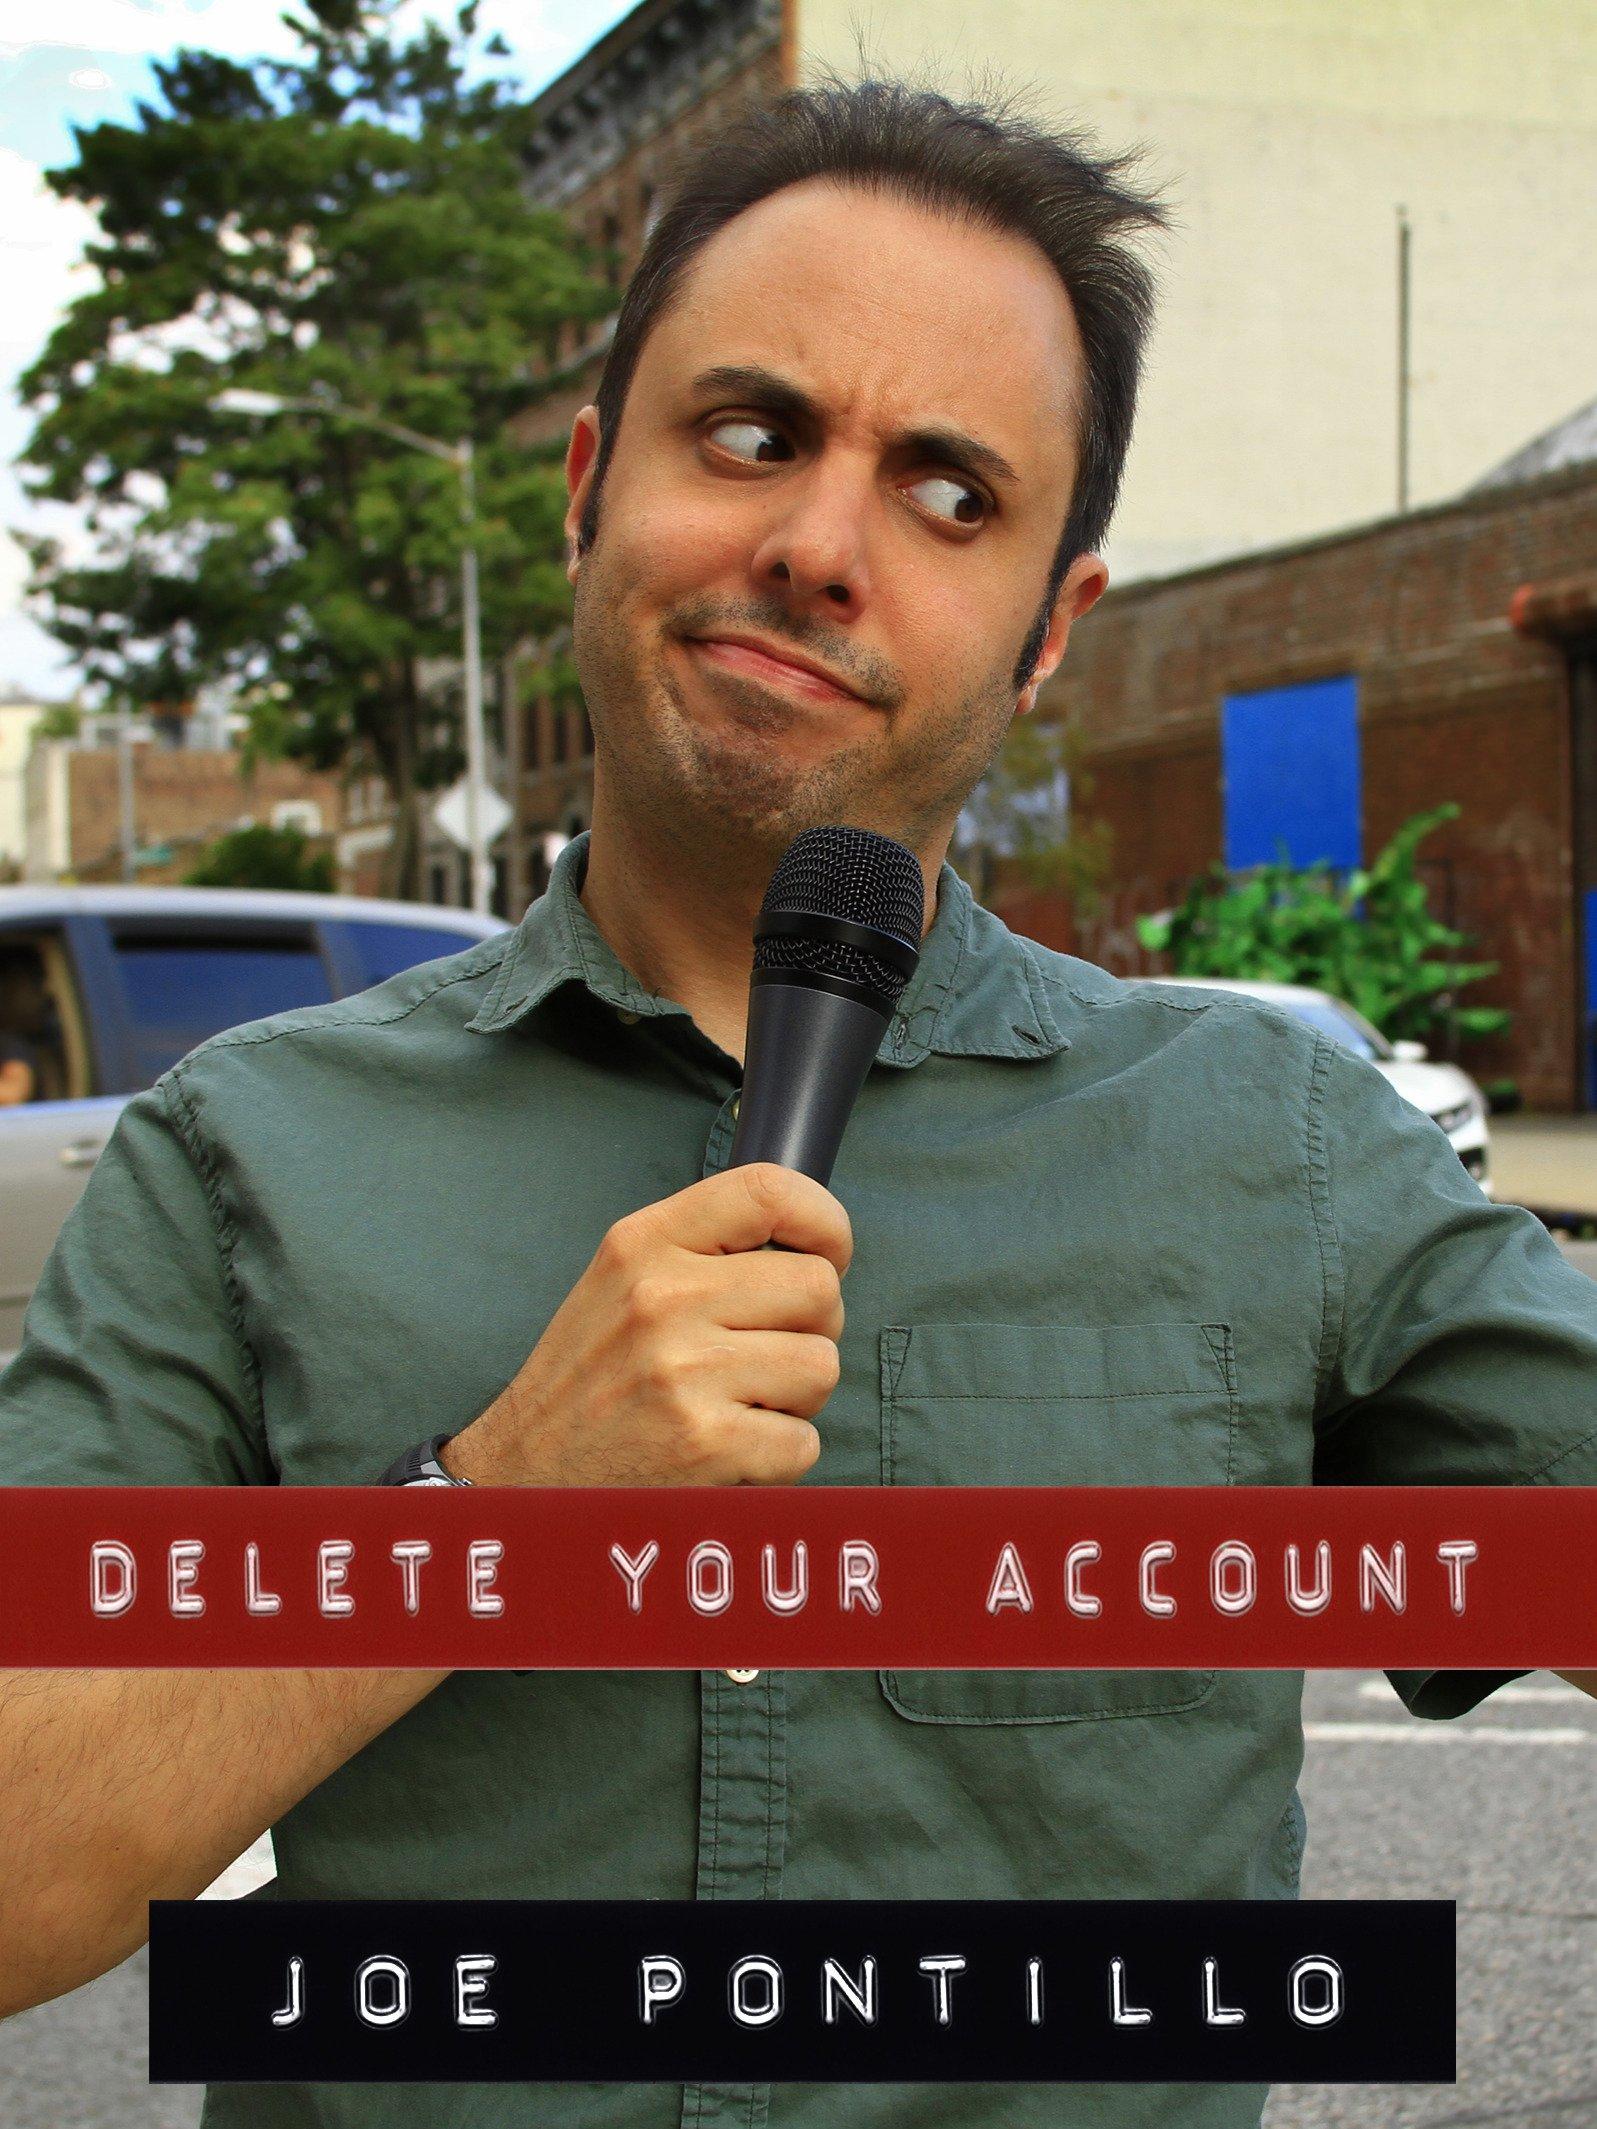 Joe Pontillo: Delete Your Account